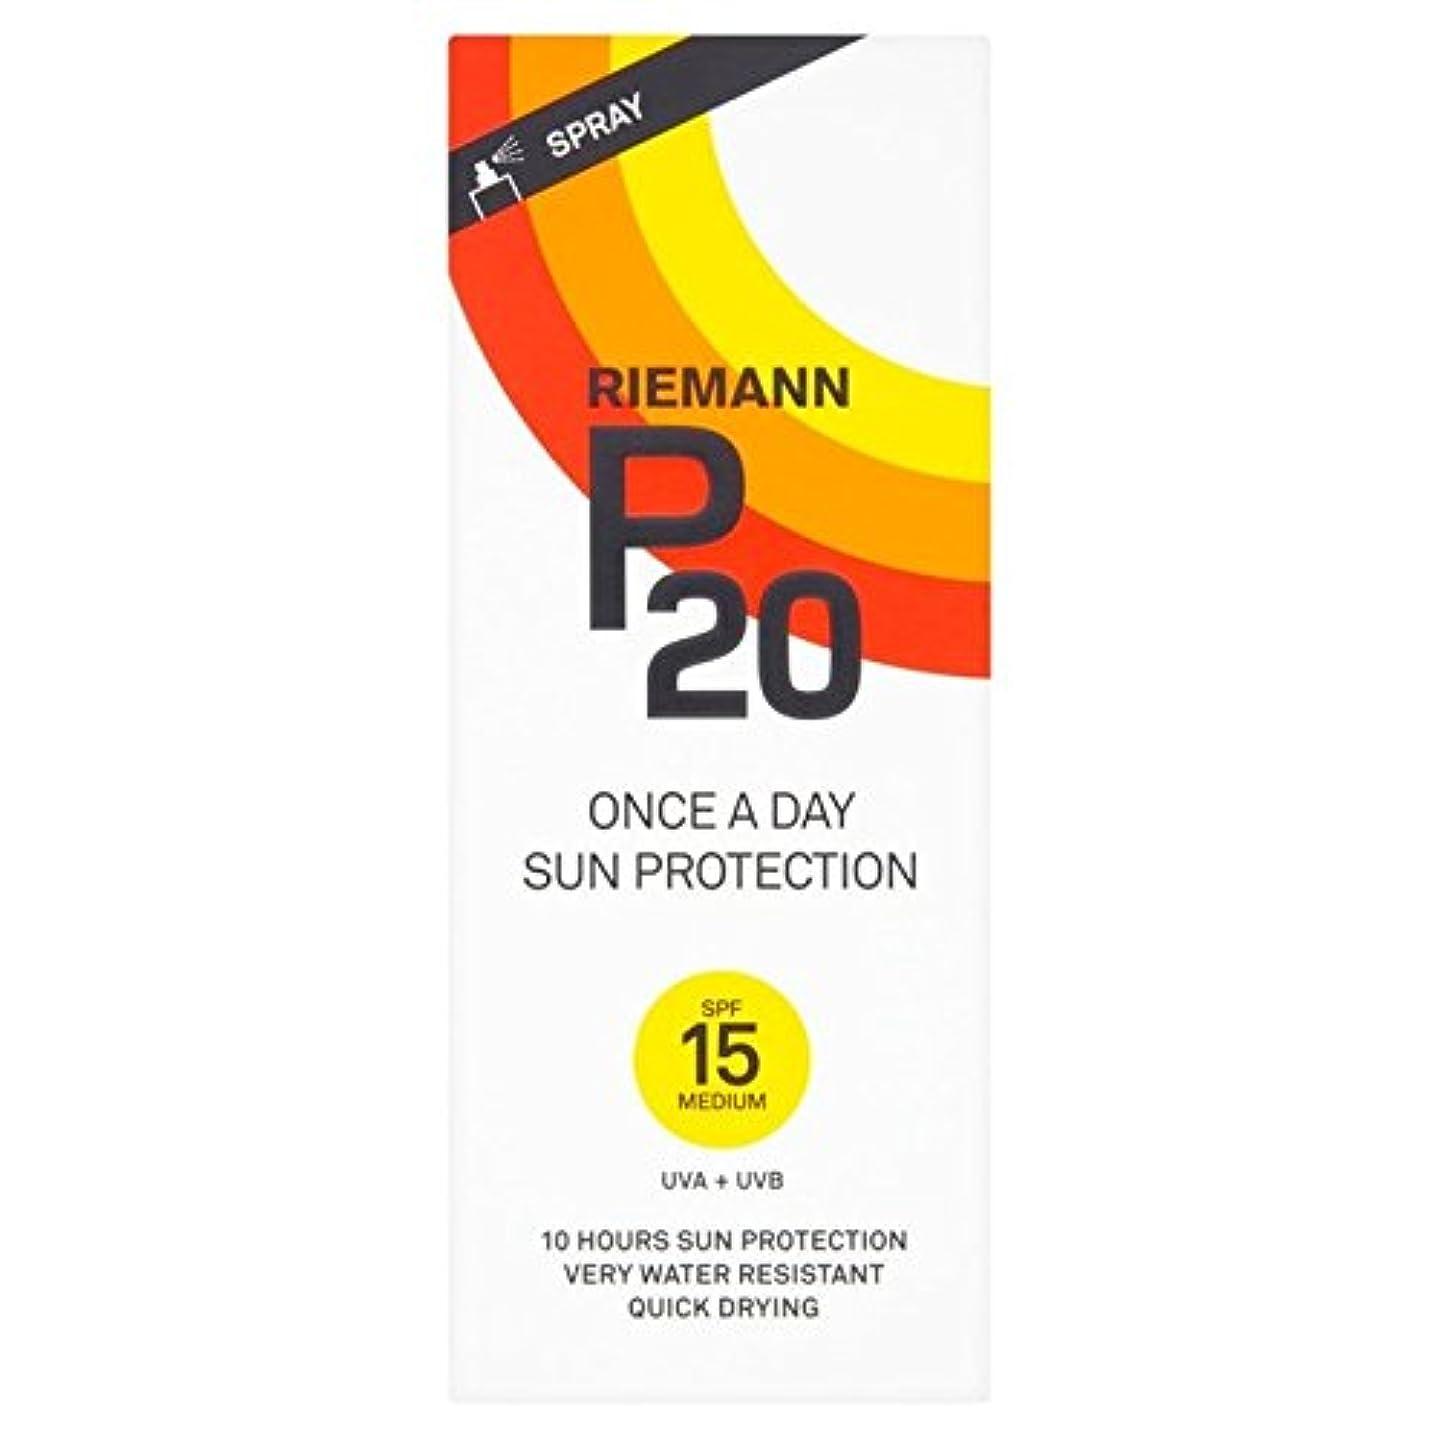 医学緩む対称Riemann P20 SPF15 1 Day/10 Hour Protection 200ml - リーマン20 15 1日/ 10時間の保護200ミリリットル [並行輸入品]